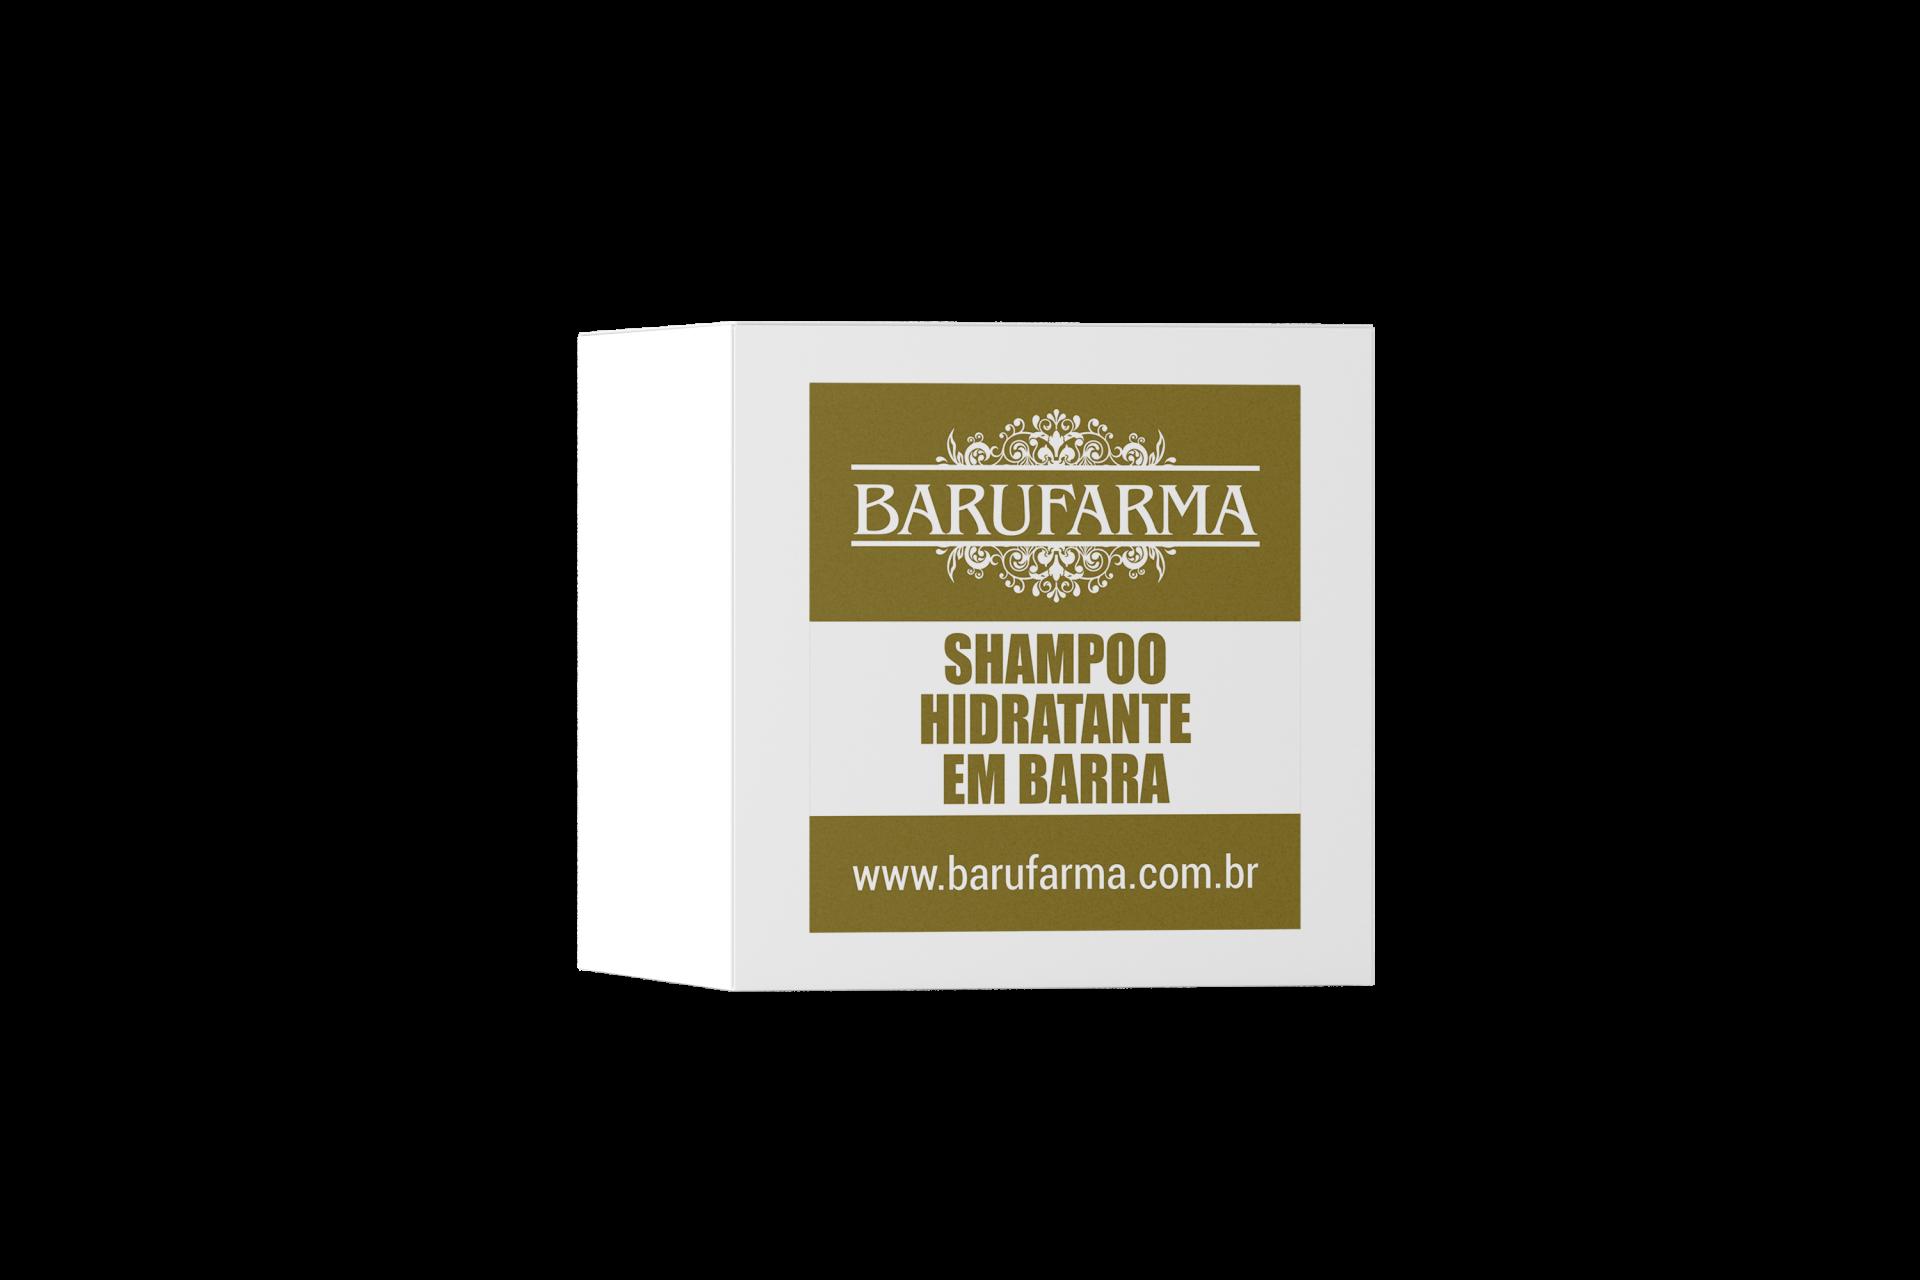 SHAMPOO HIDRATANTE EM BARRA 80G